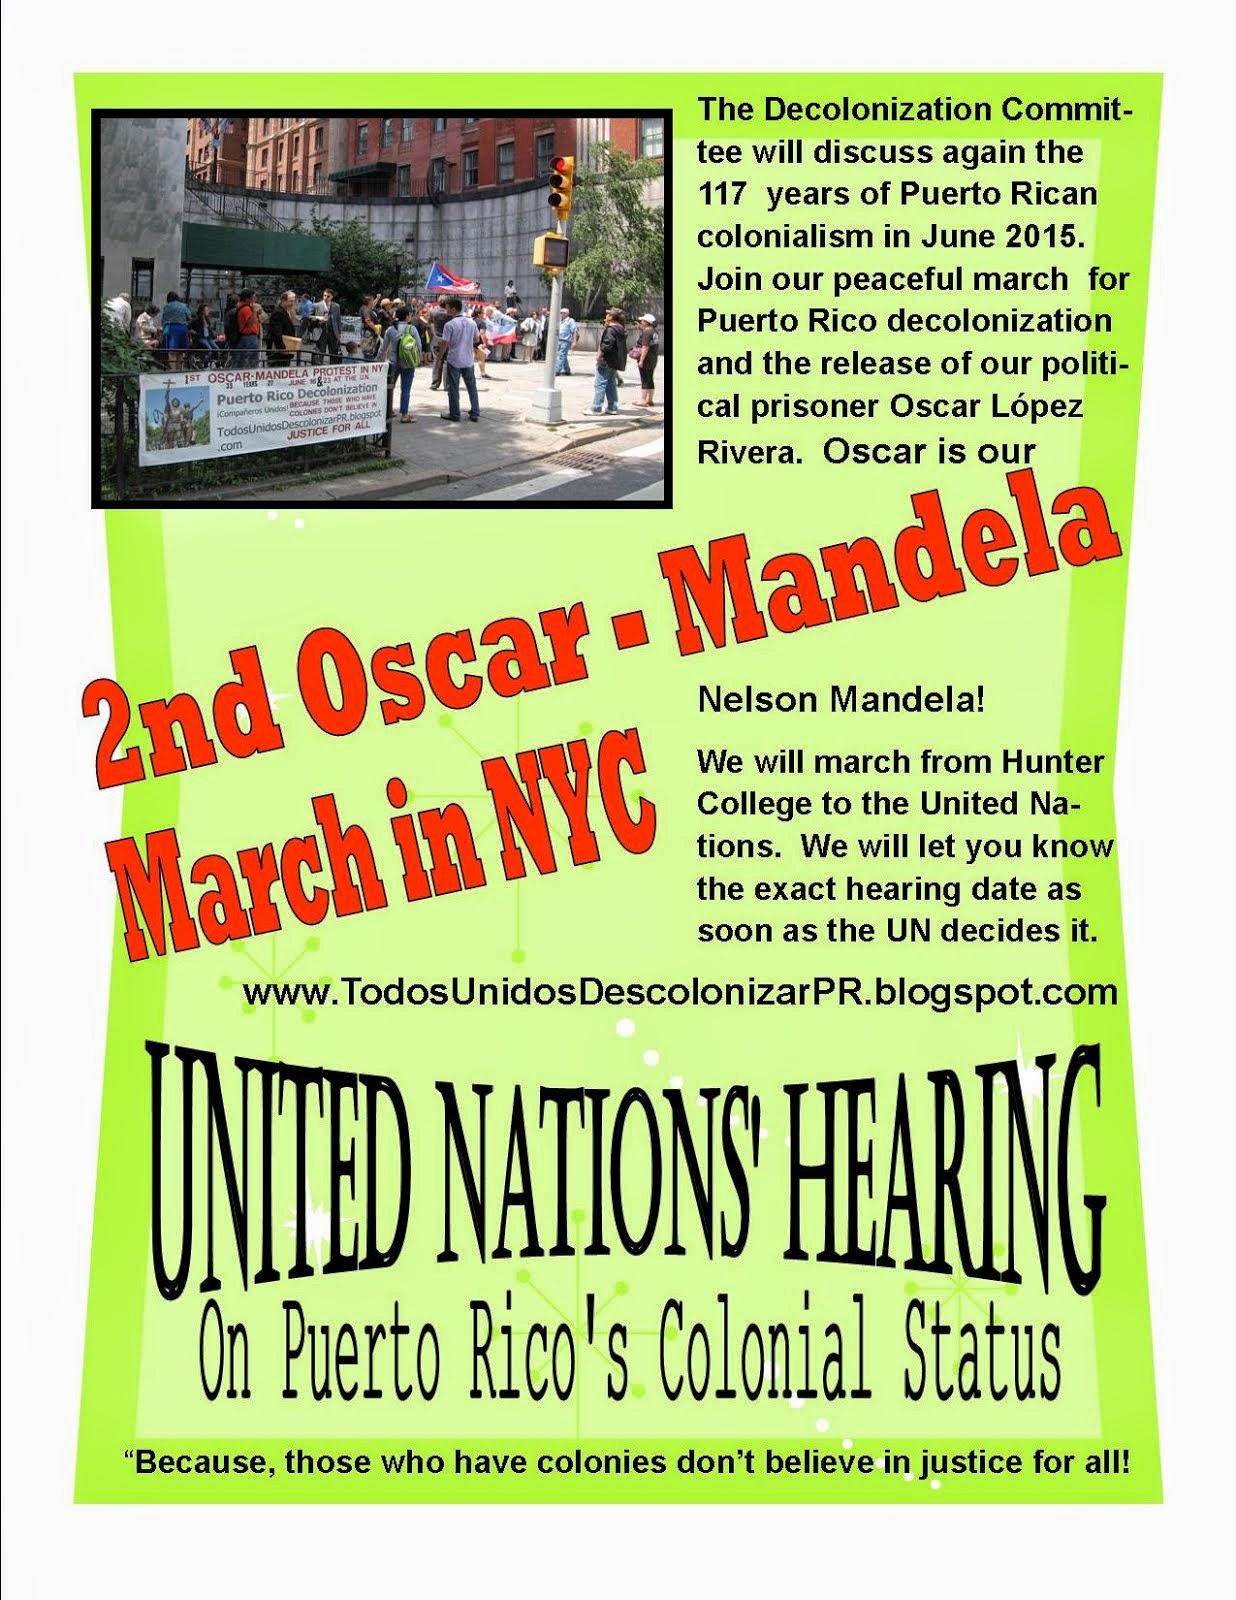 2nd Oscar - Mandela March in NYC 2015